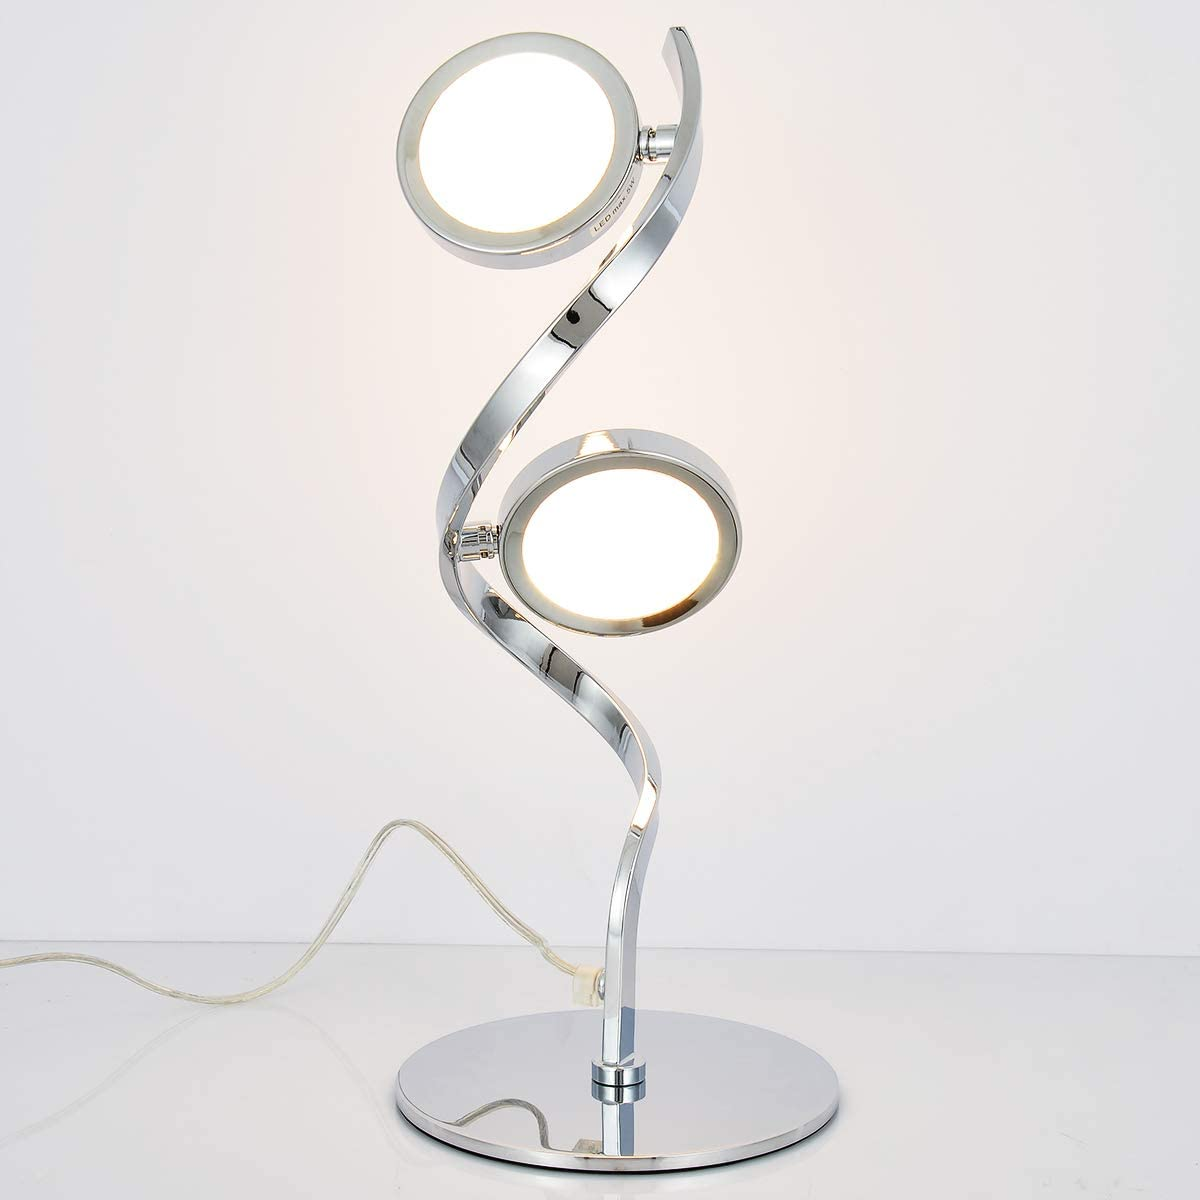 Lámpara de mesita de noche LED SPARKSOR, lámpara de mesa espiral Lámpara de escritorio LED curva moderna, lámpara de lectura de luz blanca y cálida de 10W, mesita de noche minimalista, cromo